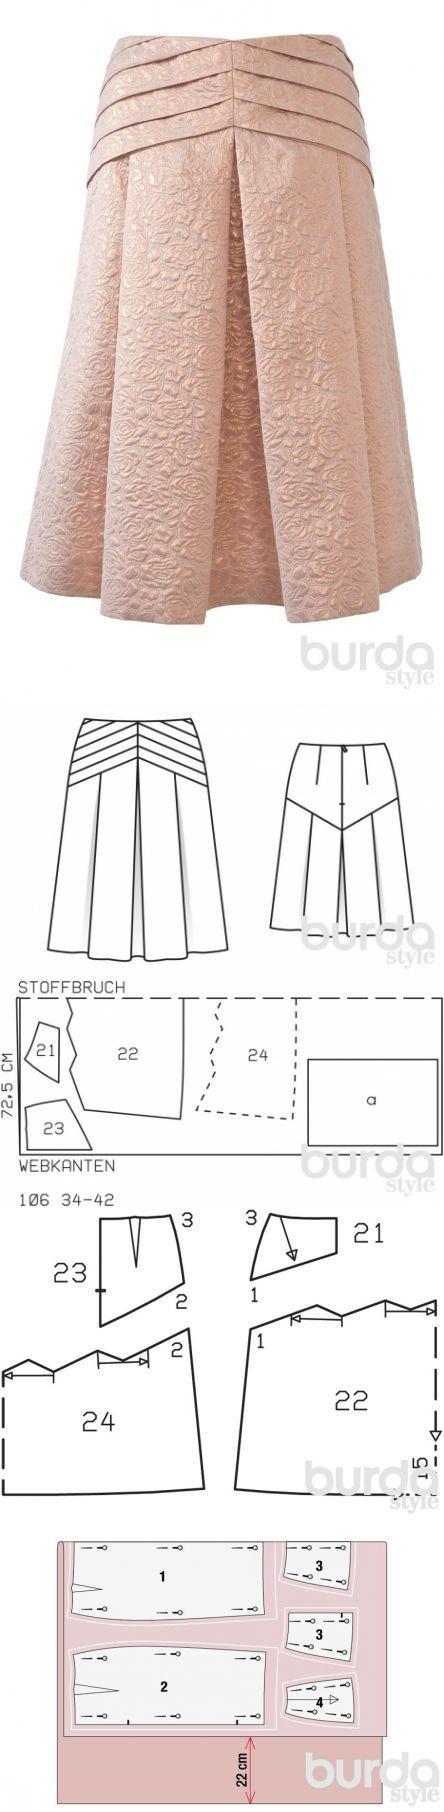 Юбка с треугольной кокеткой в складку / Мастер-классы / Burdastyle